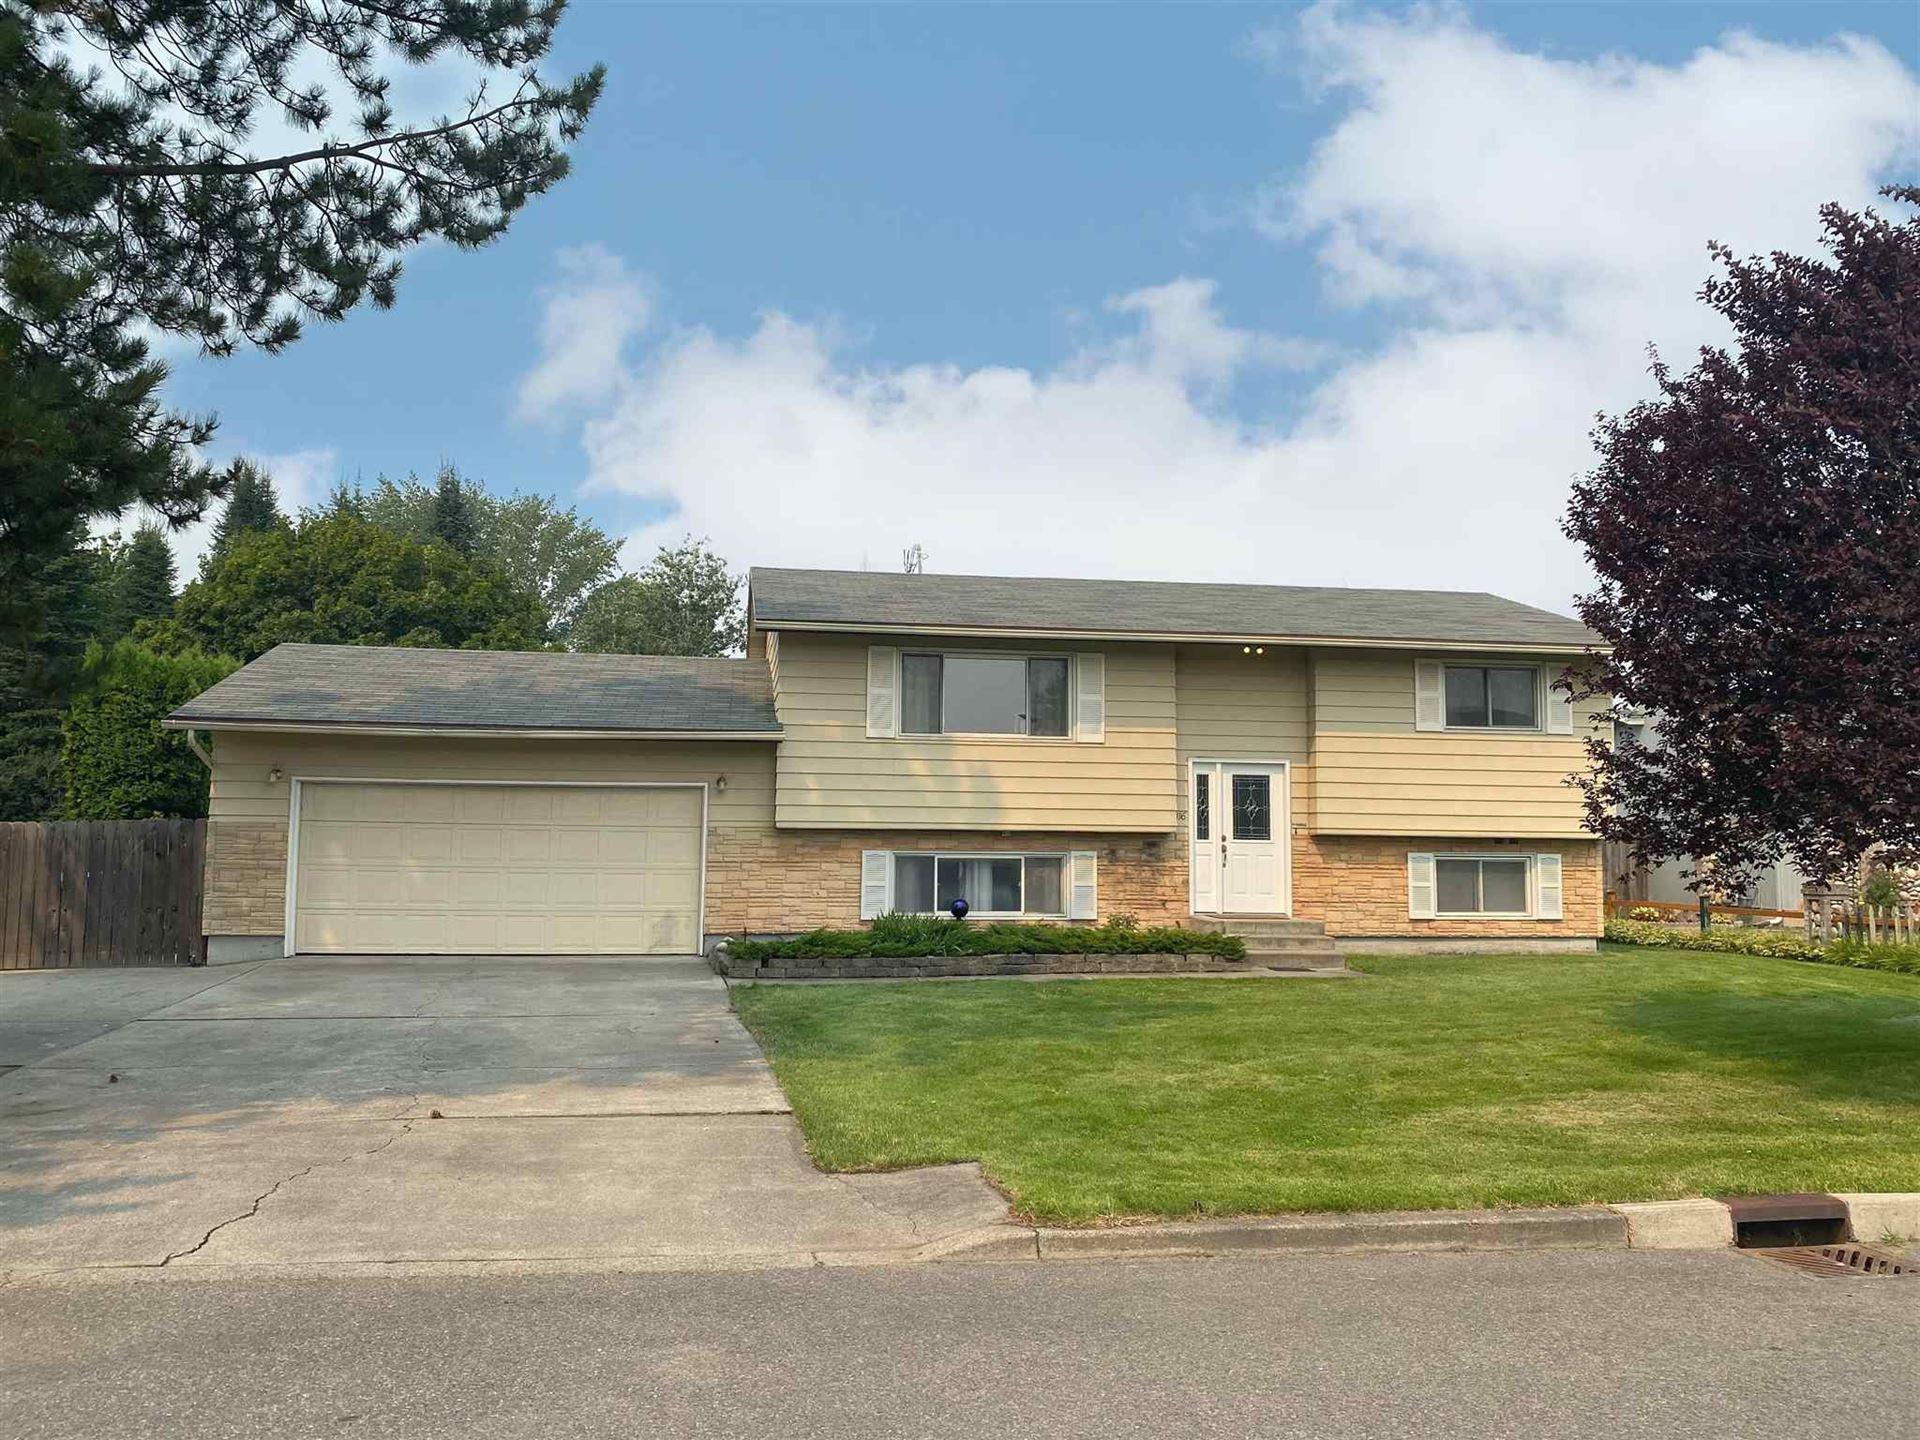 116 S Greenacres Rd, Greenacres, WA 99016 - #: 202119847